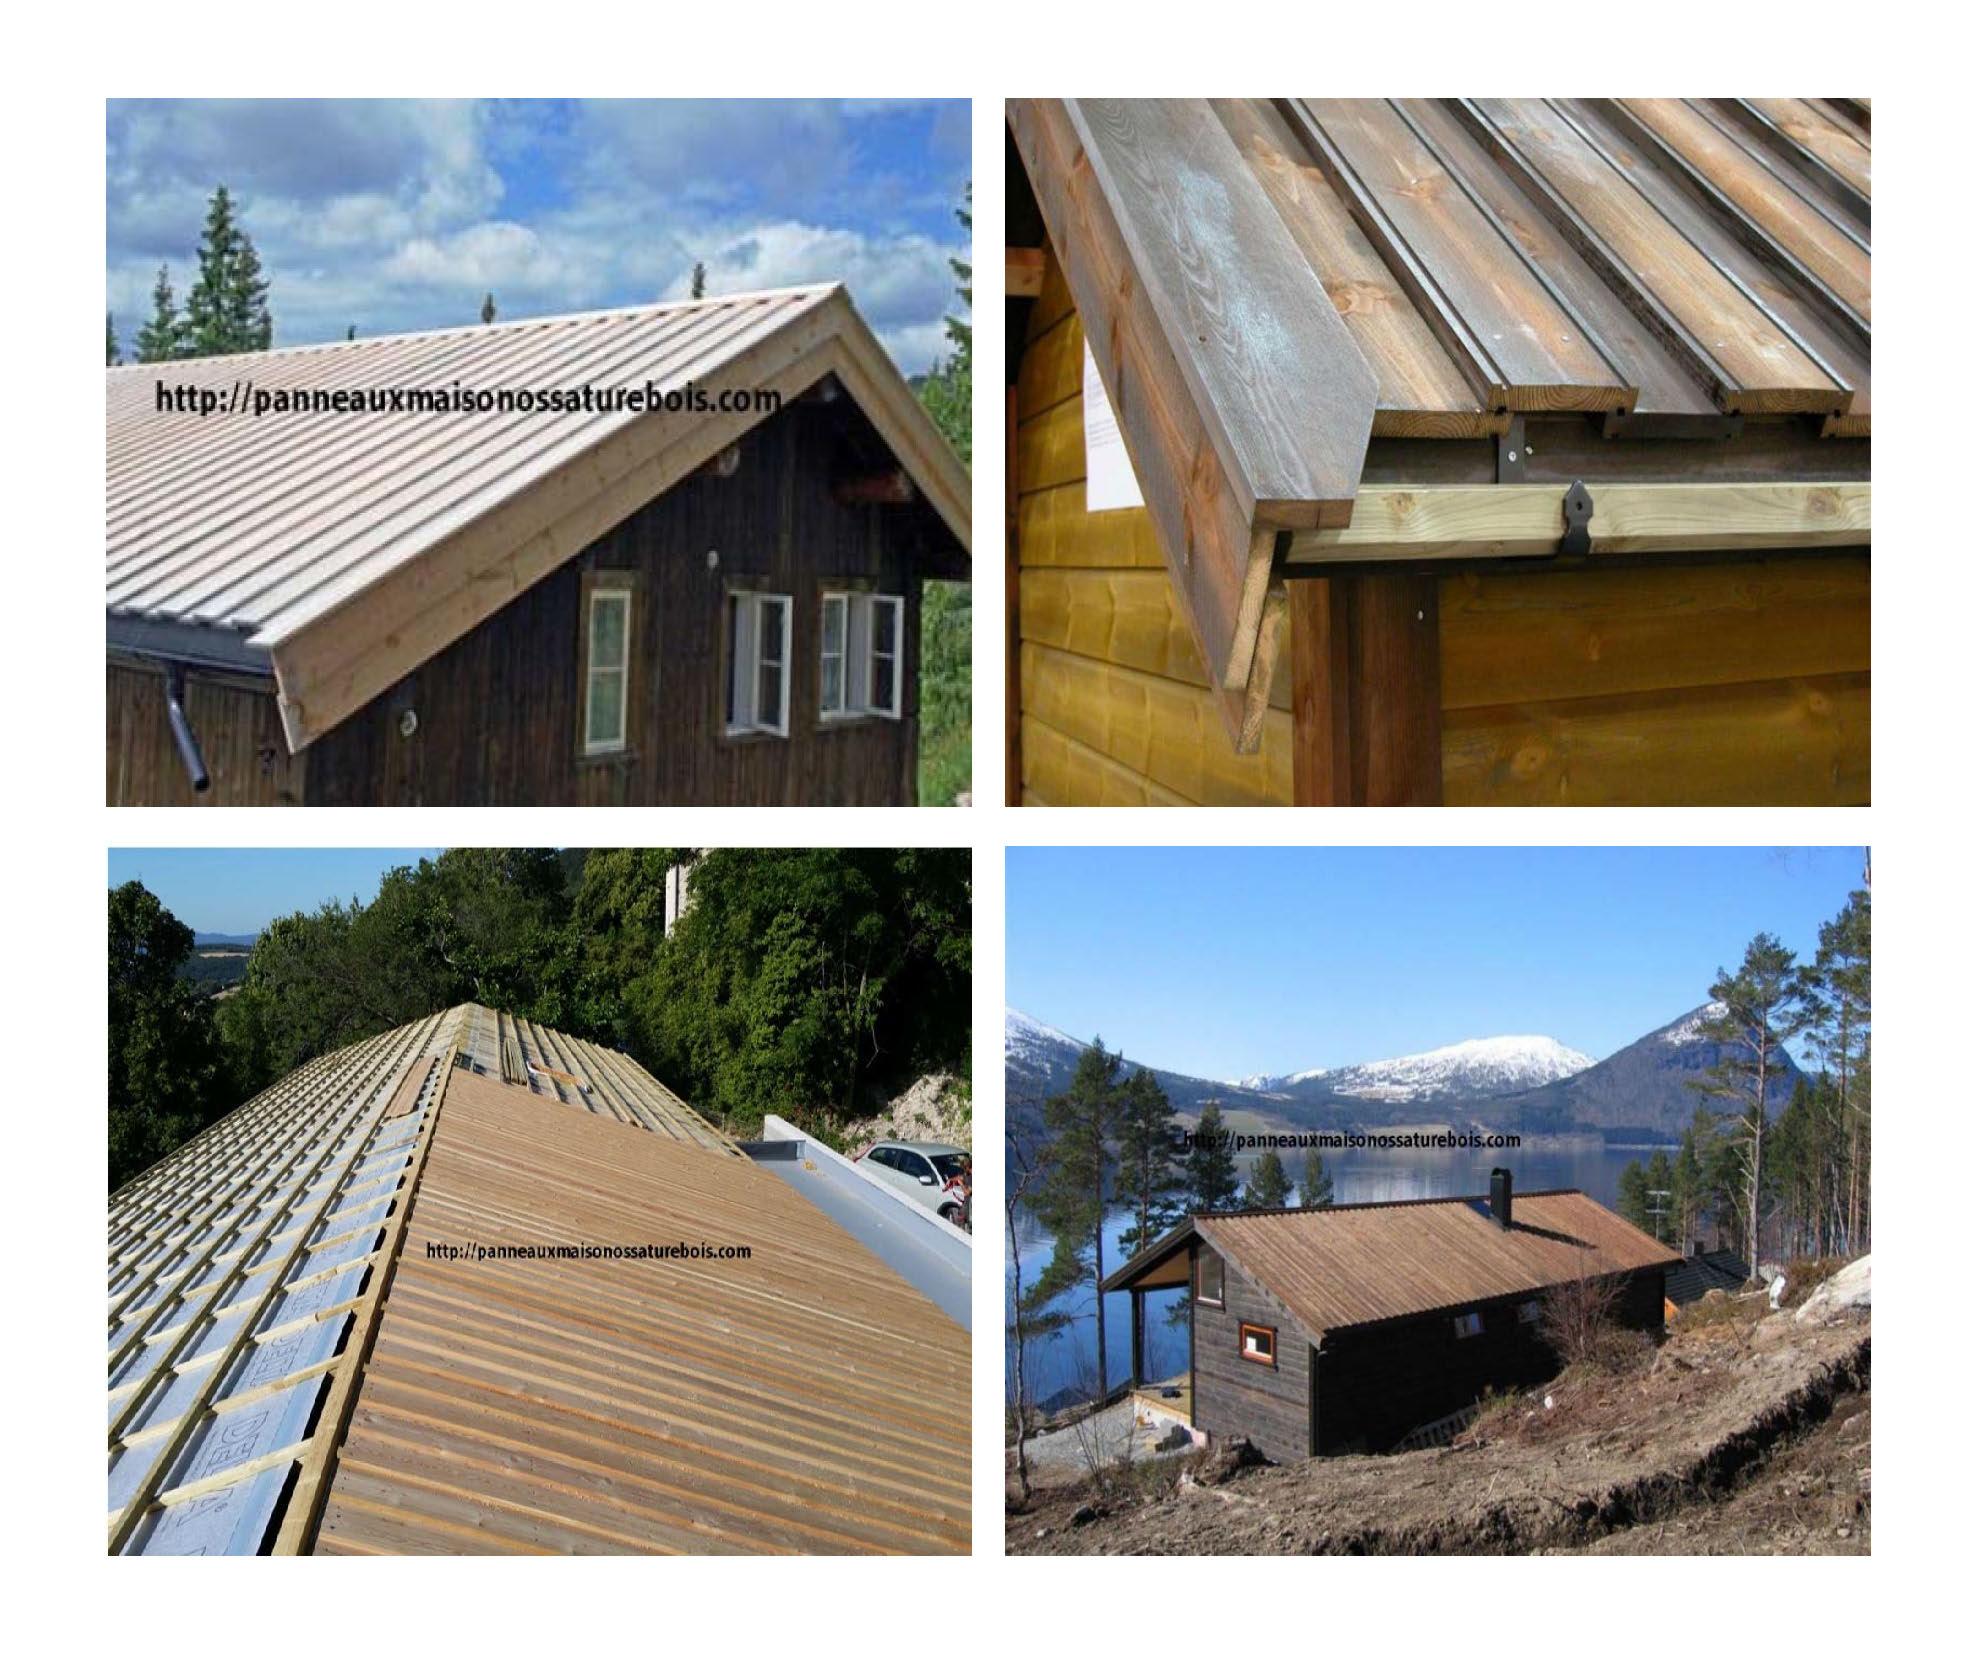 couverture toiture panneaux maison ossature bois. Black Bedroom Furniture Sets. Home Design Ideas